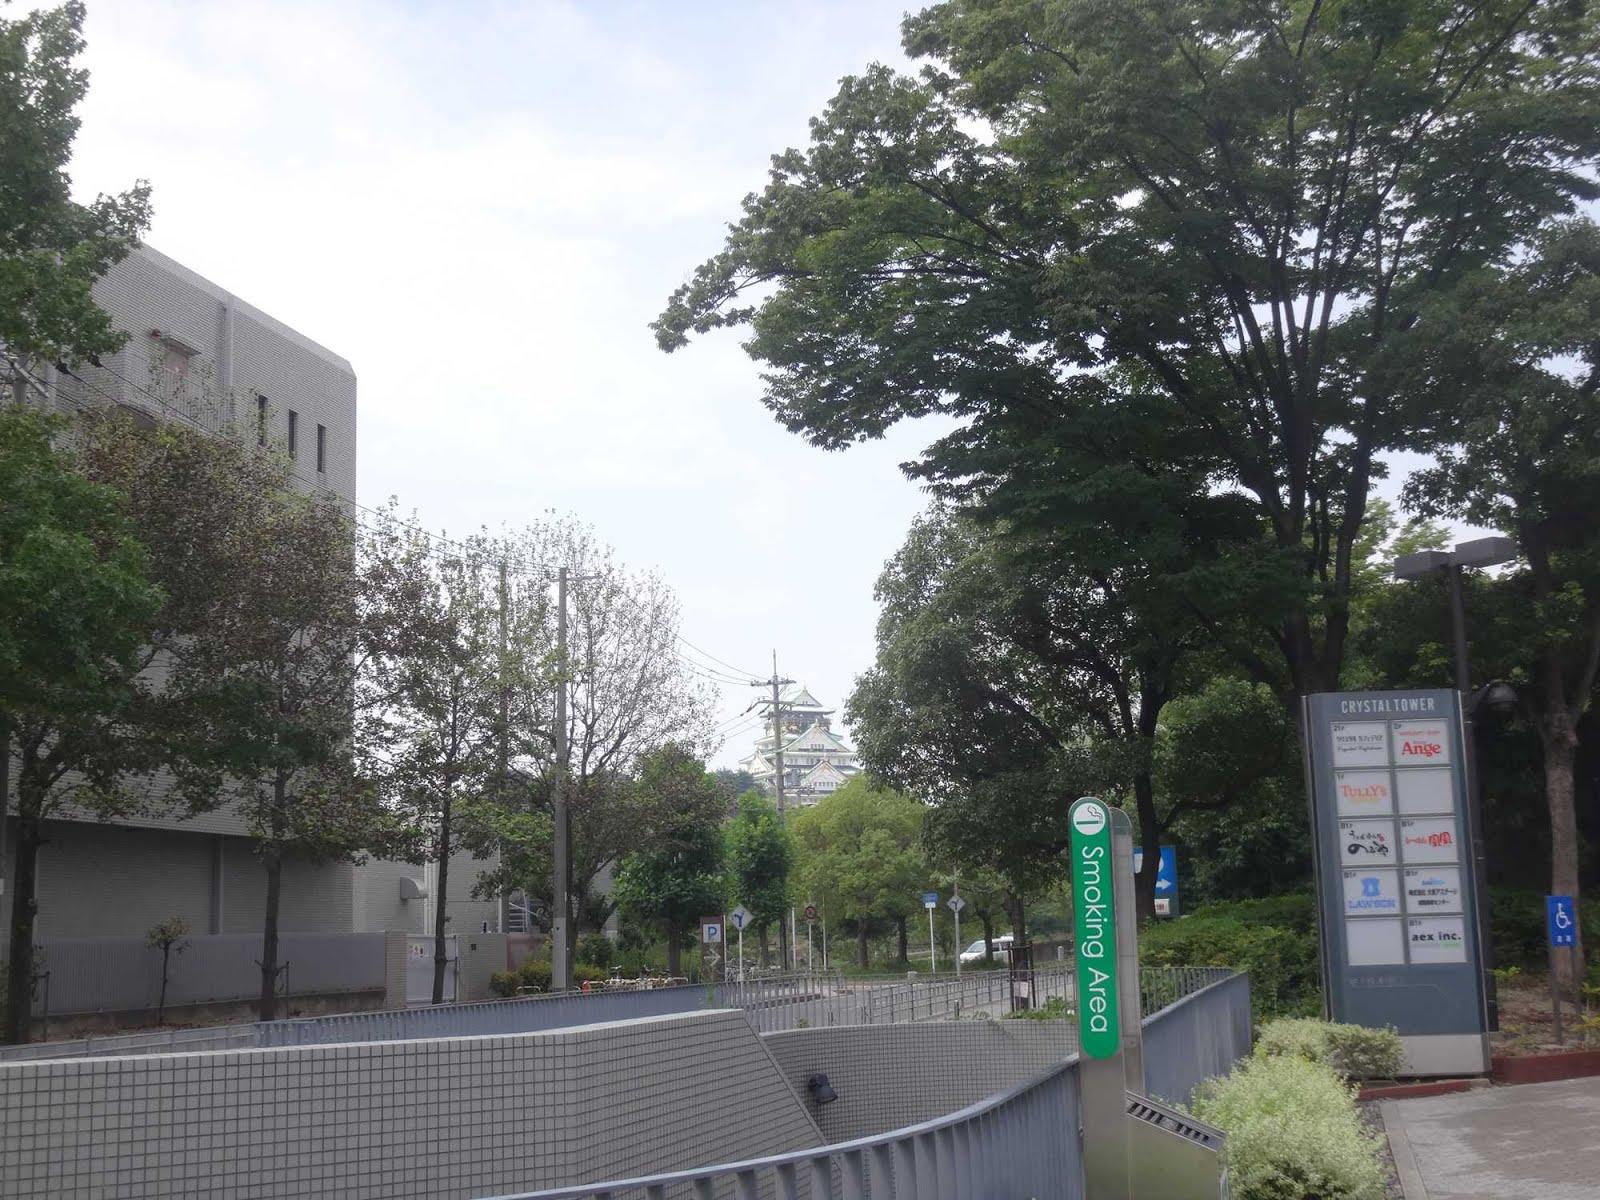 2014-07-27 (6).jpg